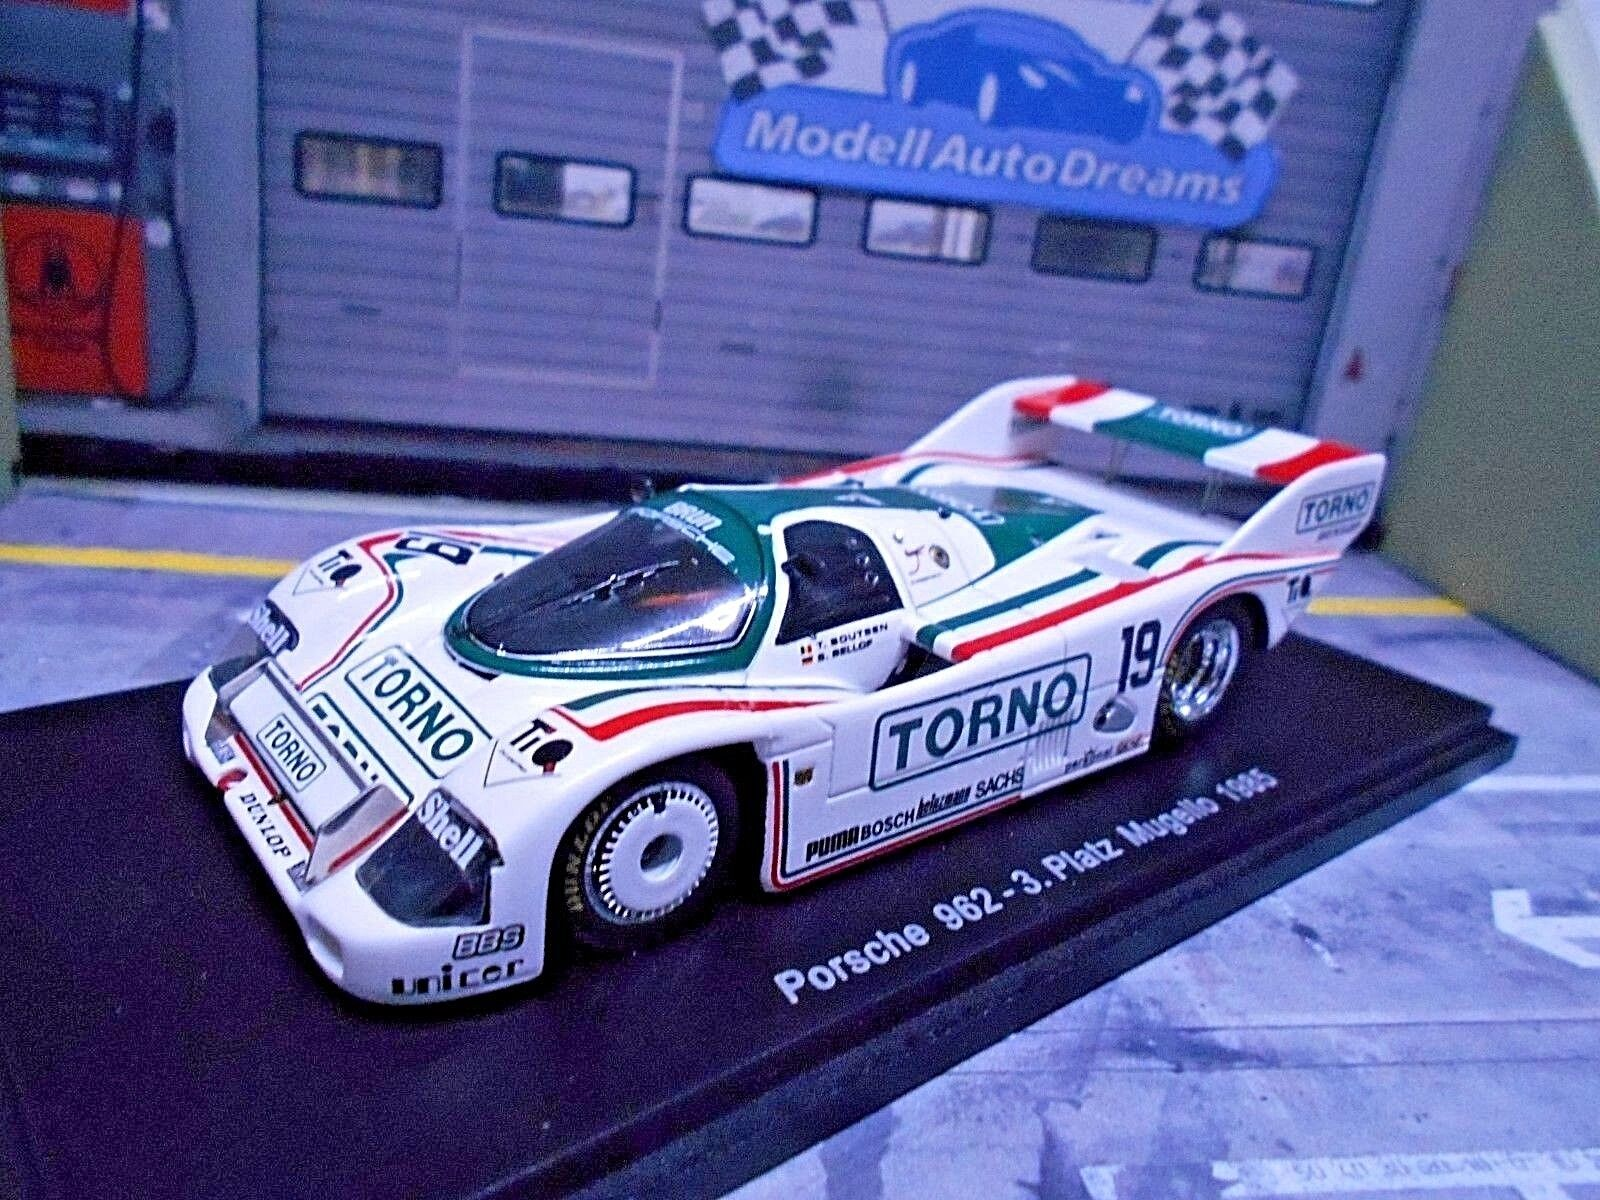 Porsche 962 C 962 C MUGELLO 1985  19 Torno Brun Bellof Boutsen 1 500 Spark 1 43